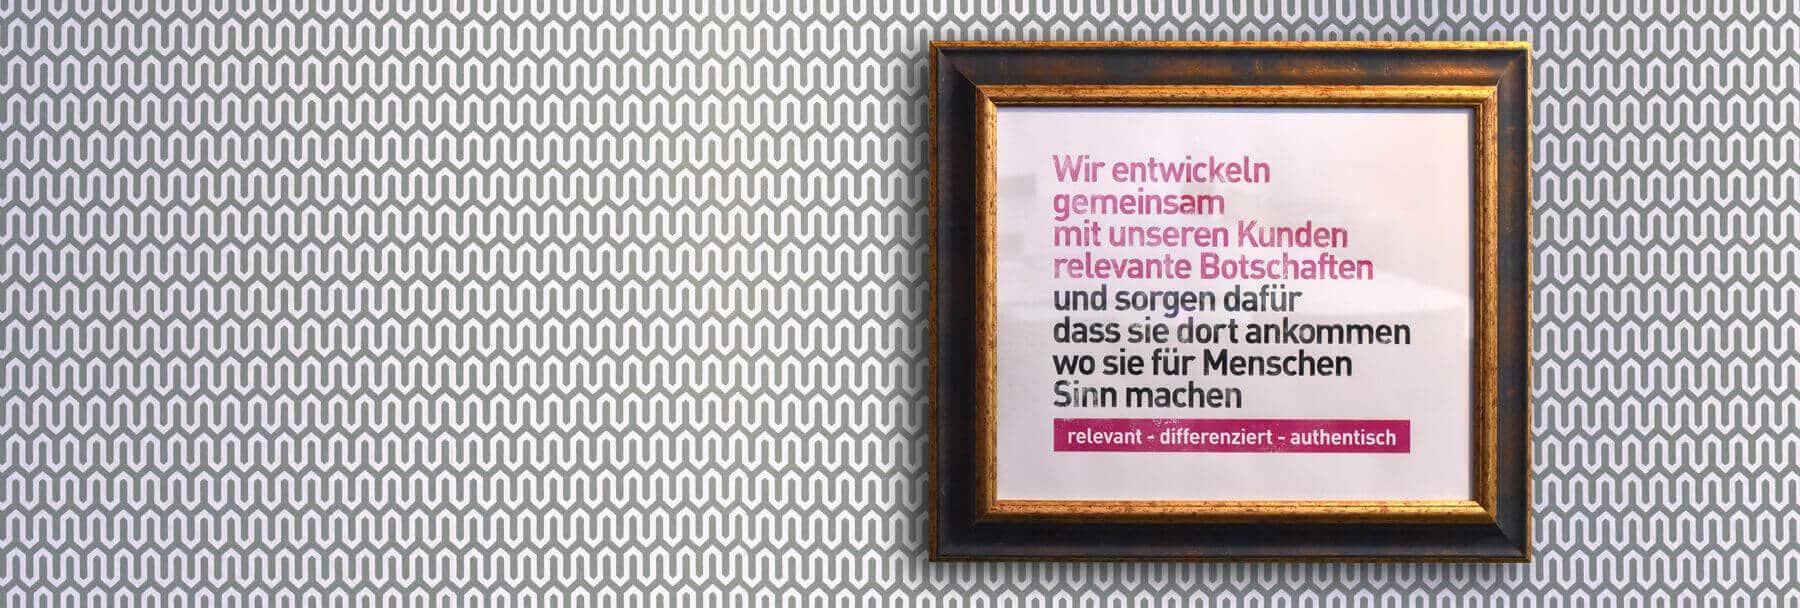 Bilderrahmen_1800x608px